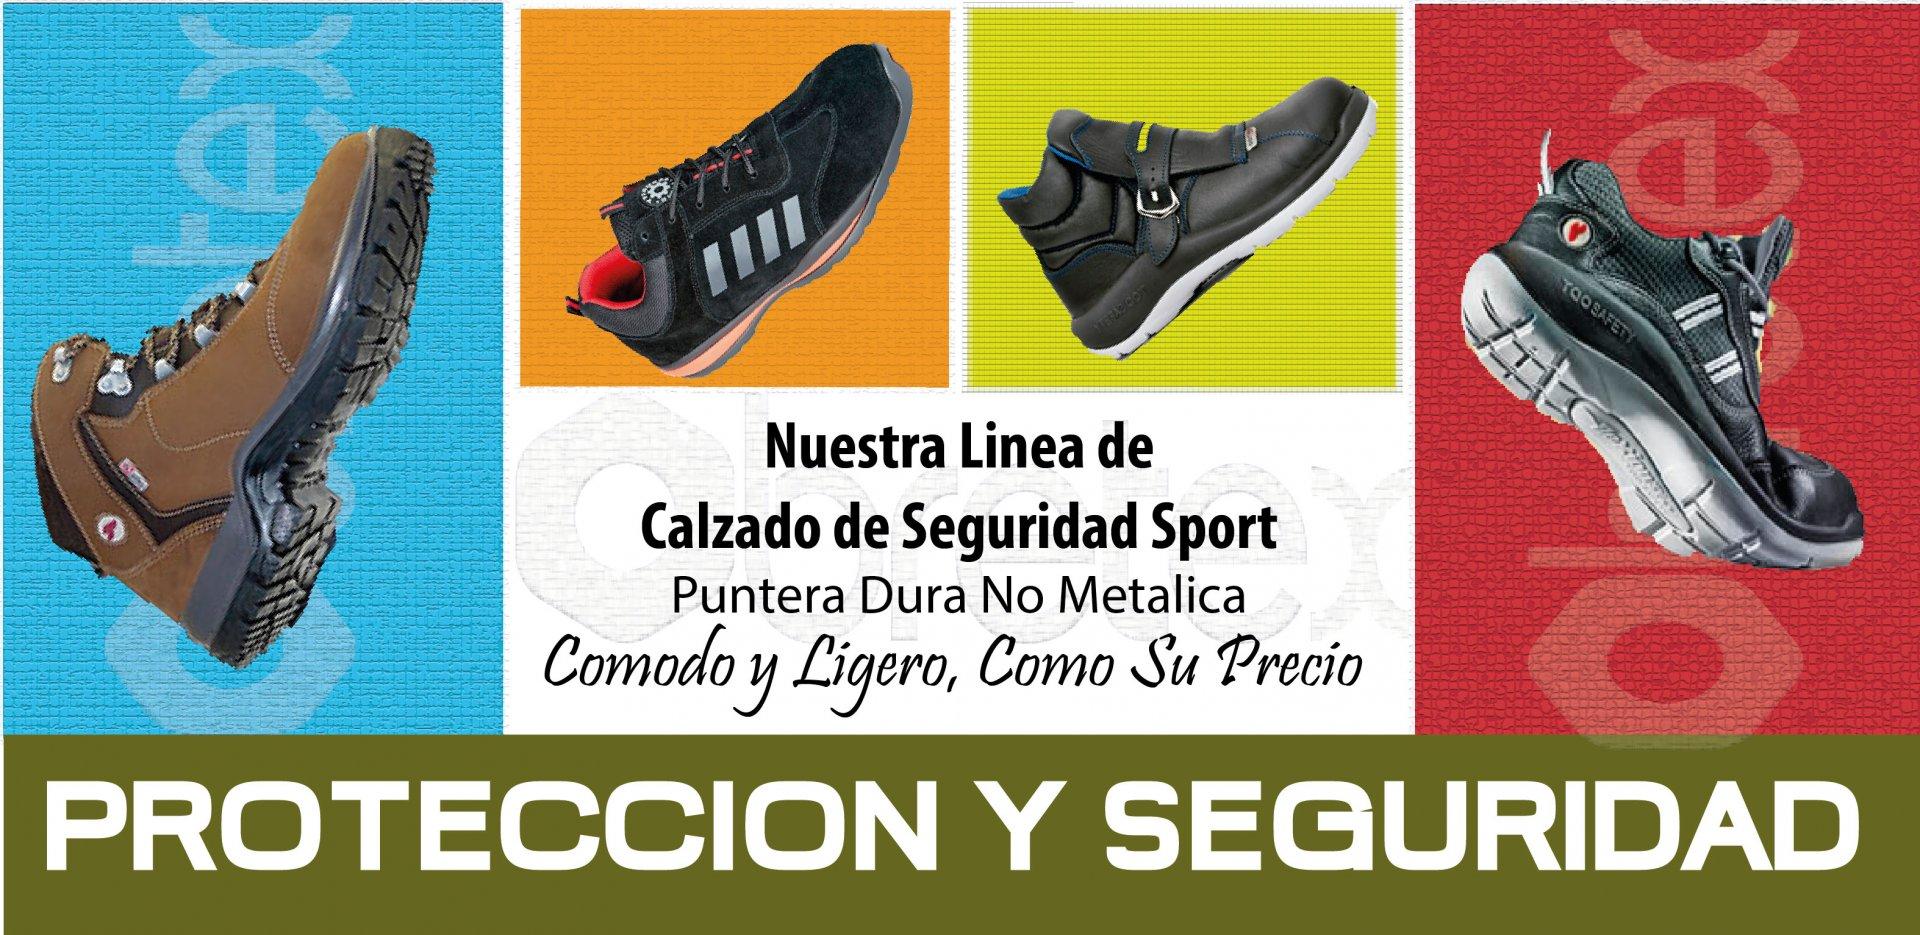 R20 CALZADO www.obretex.es.jpg